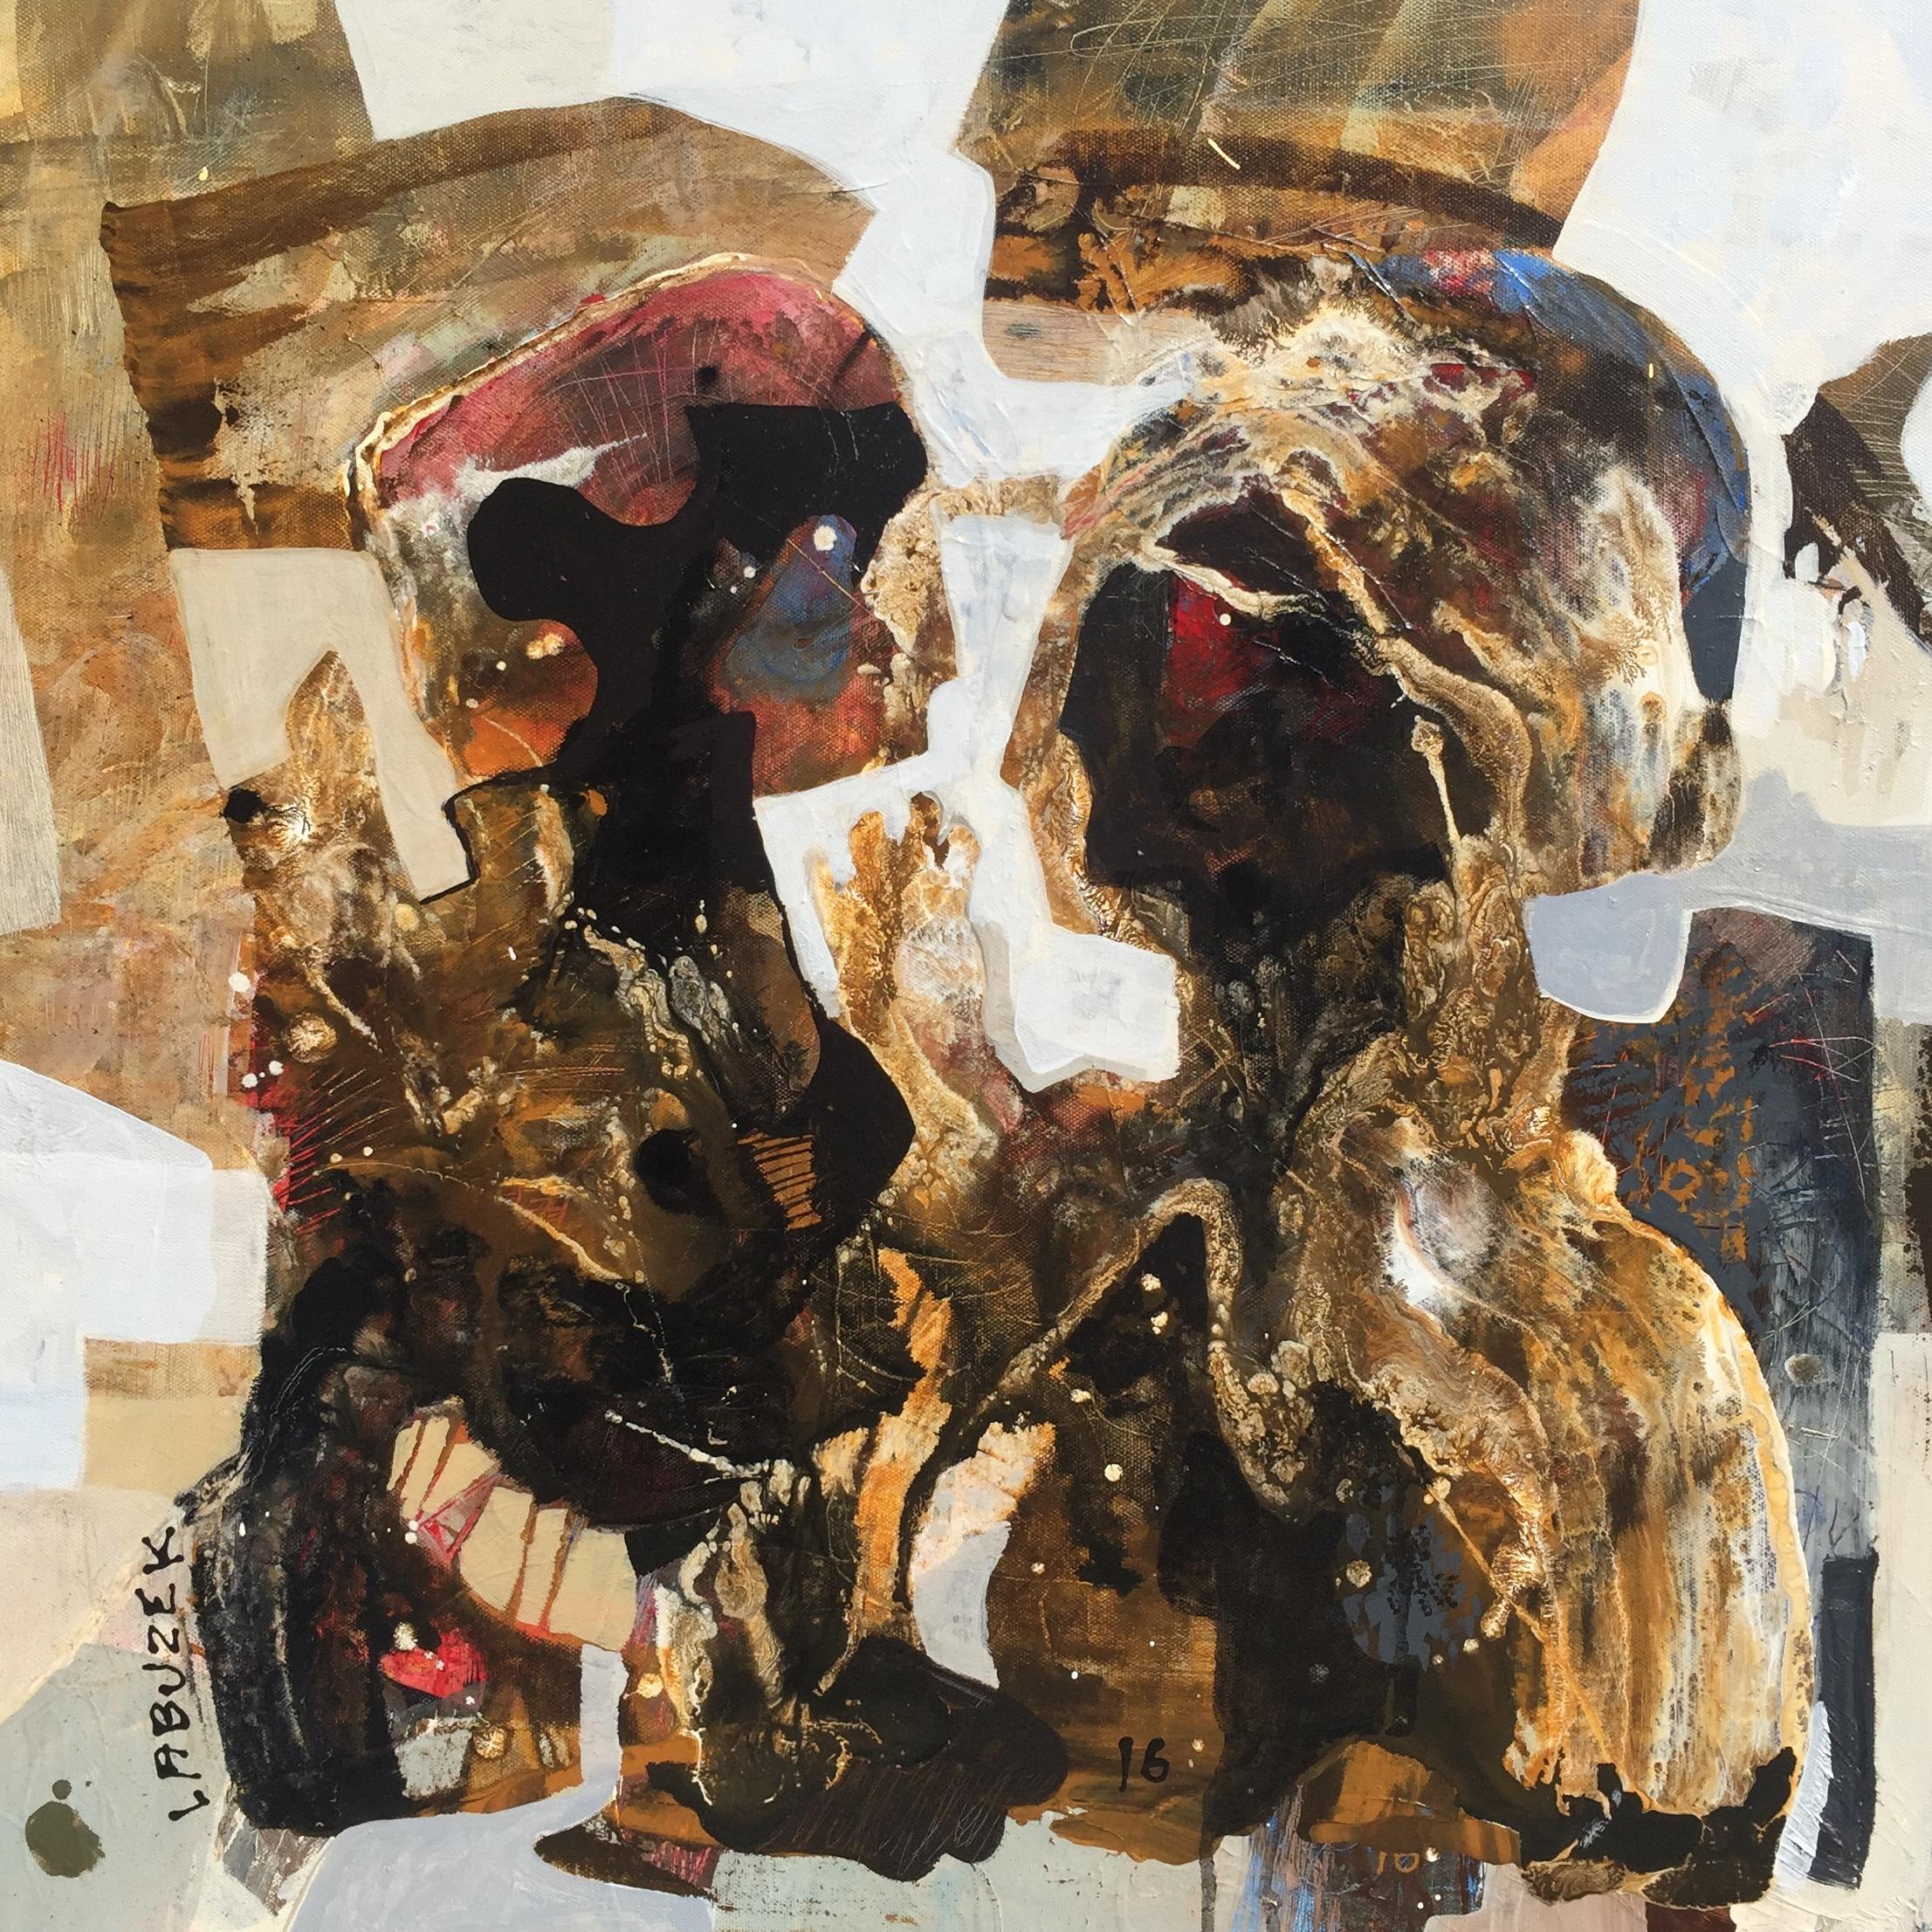 Bedouins and Merchants